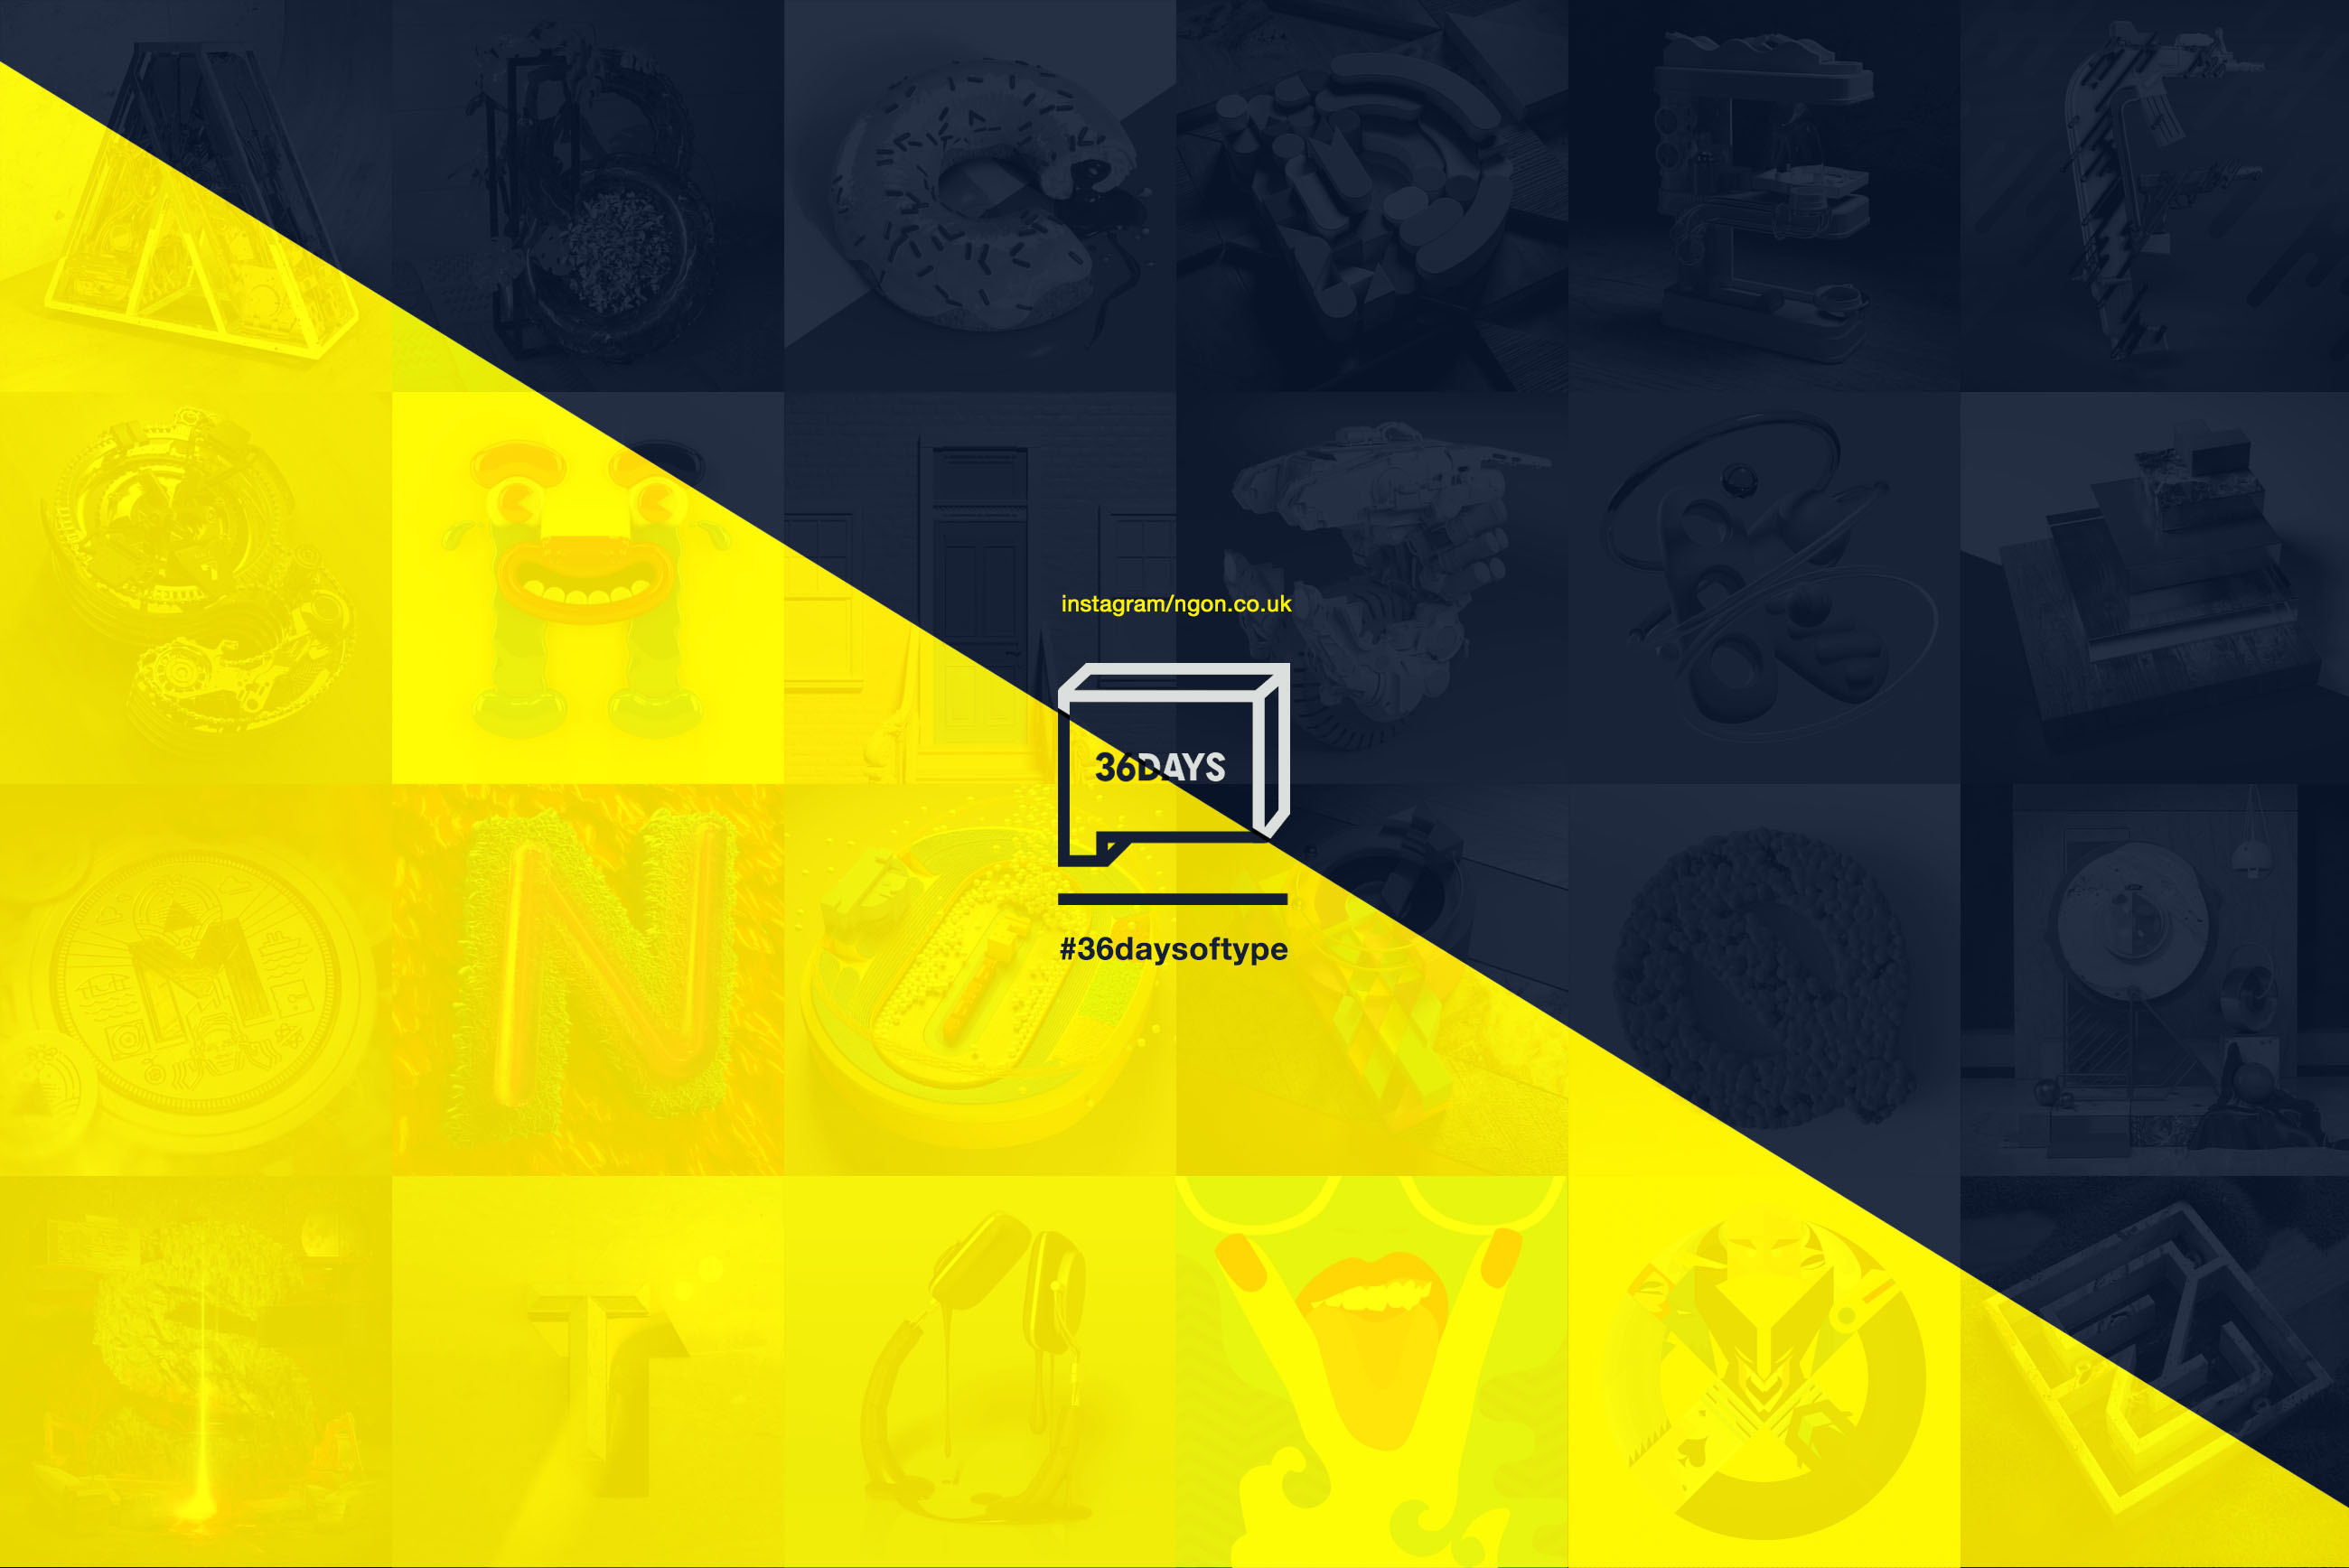 Manchester agency, 3d design, cgi, bespoke branding, Manchester 3D Artist Visualisation, Ngon